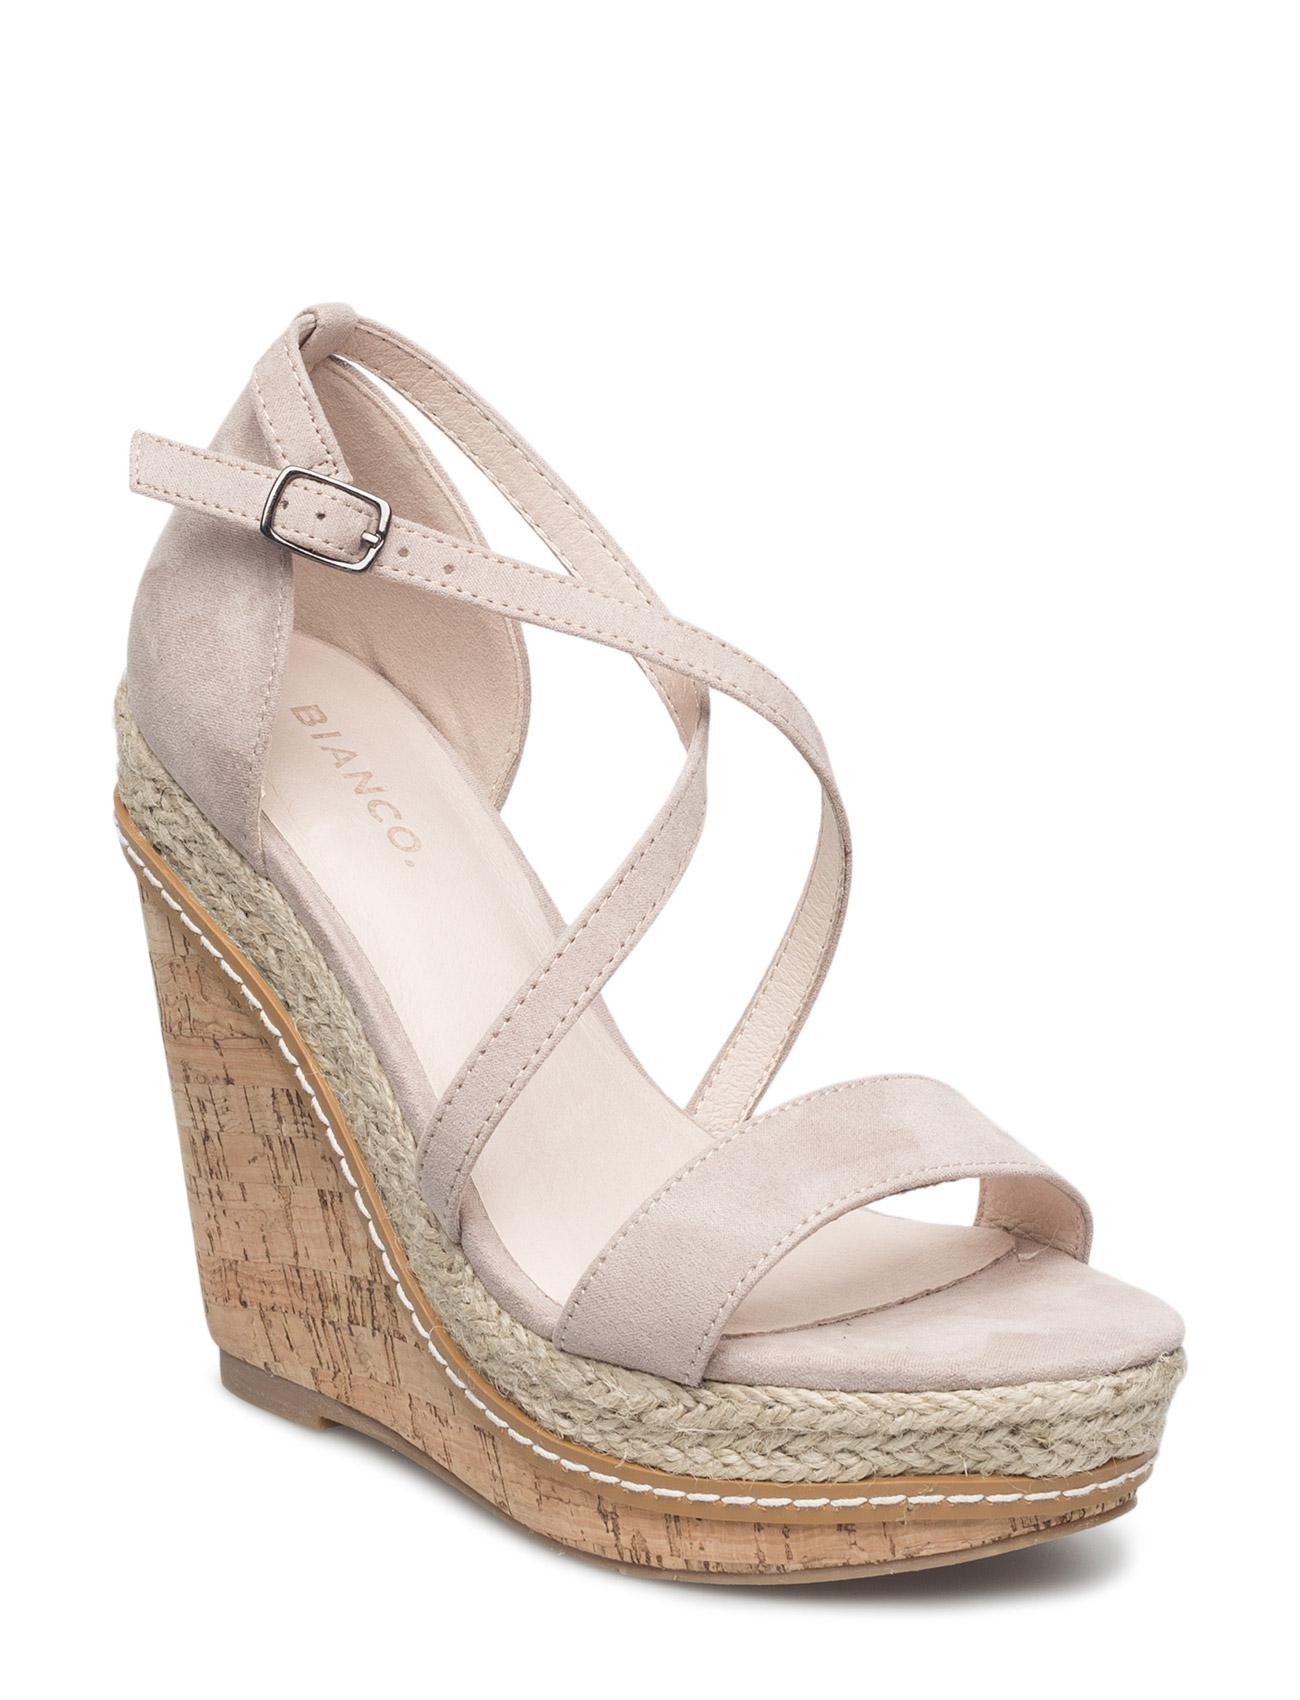 Simple Wedge Sandal Mam16 Bianco Sandaler til Kvinder i Sort